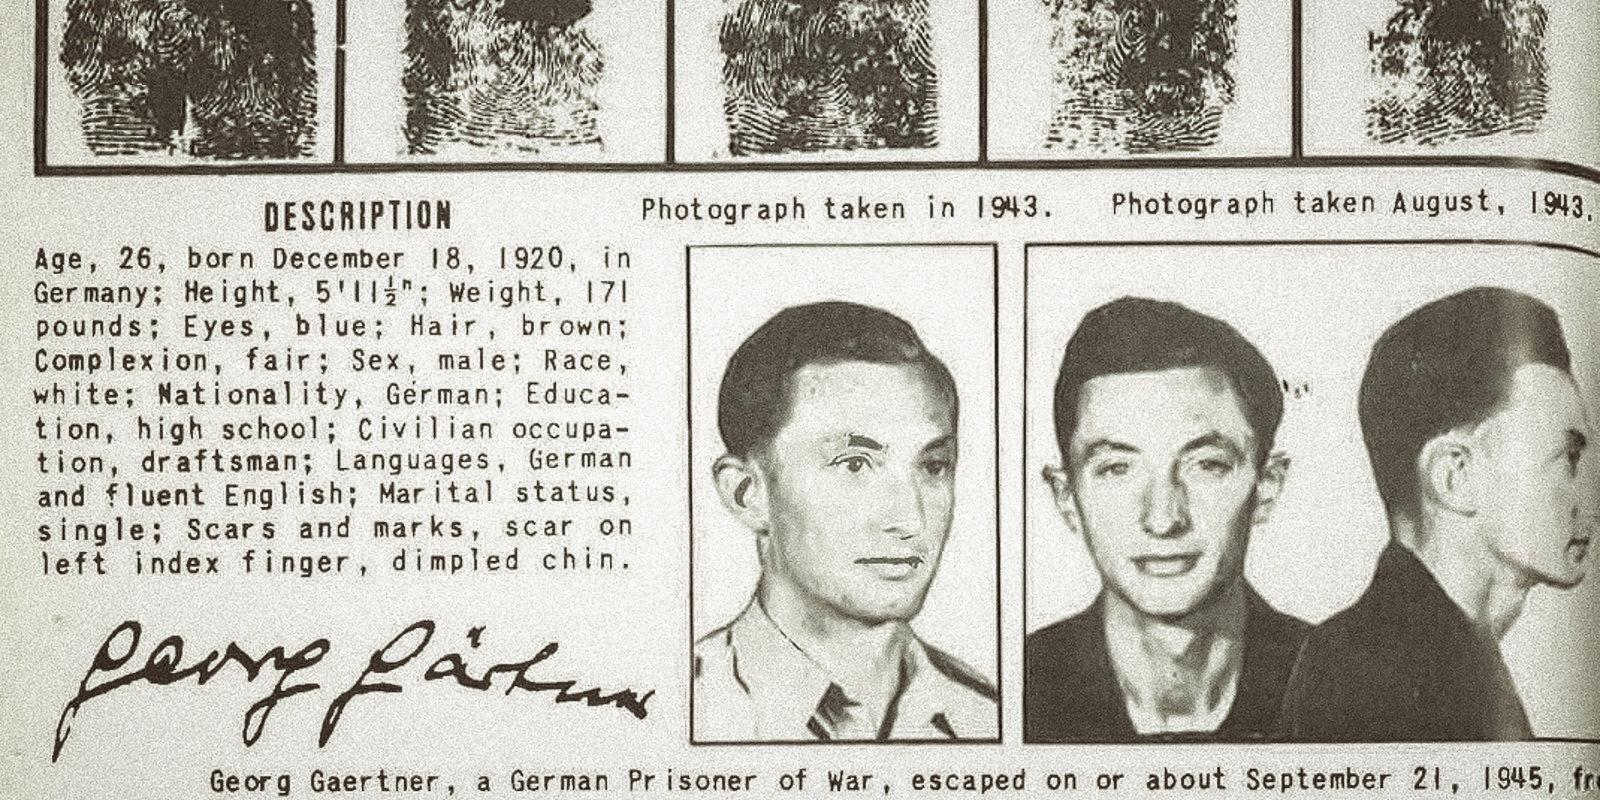 Последний солдат Гитлера. Как неуловимый Георг Гартнер 40 лет ускользал от ФБР